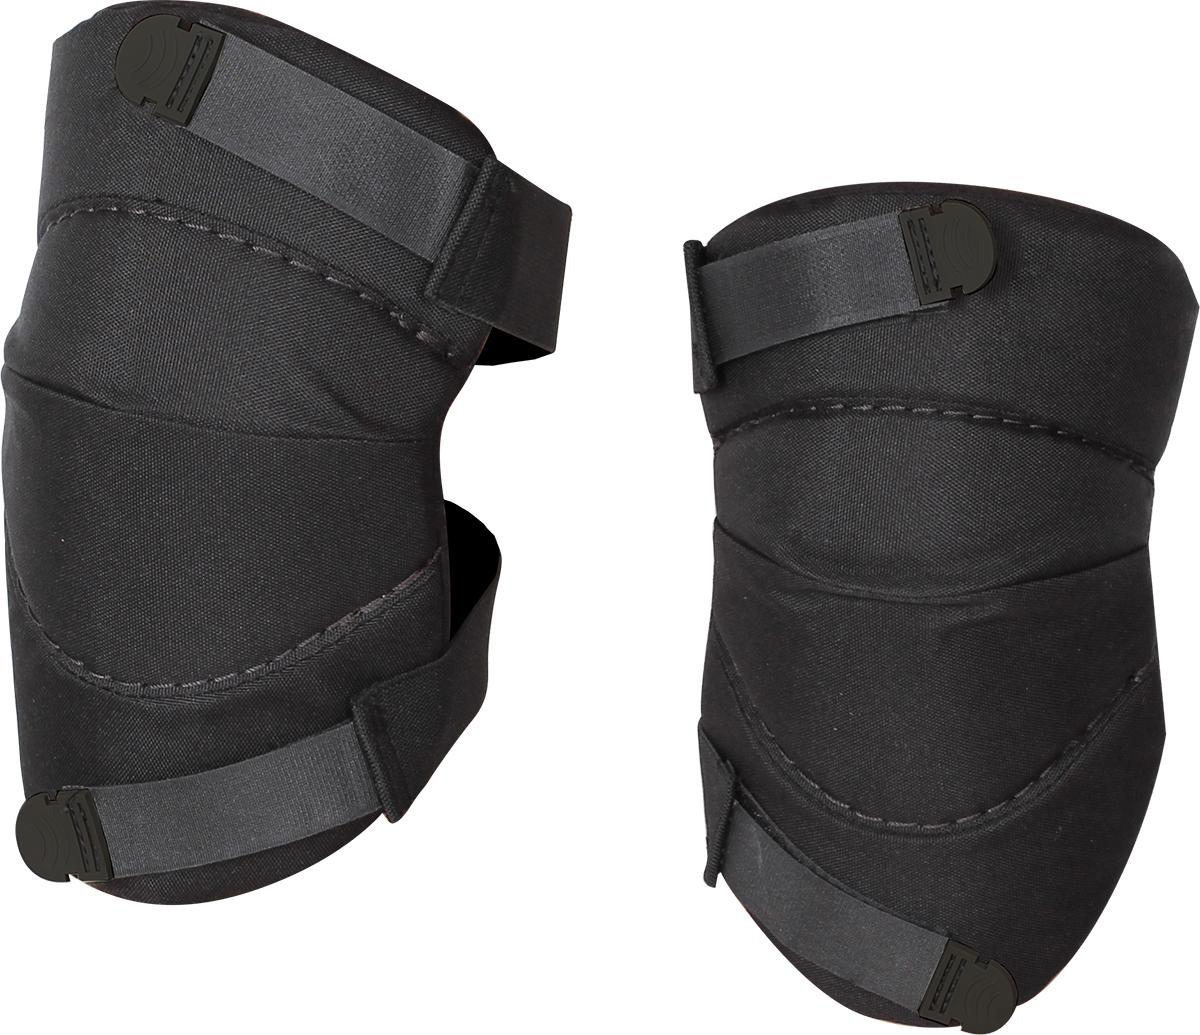 Наколенники Сплав Soft, цвет: черный5063770Предназначены для защиты коленного сустава. Состав: полиэстер 600D, пенополиэтилен, пластик